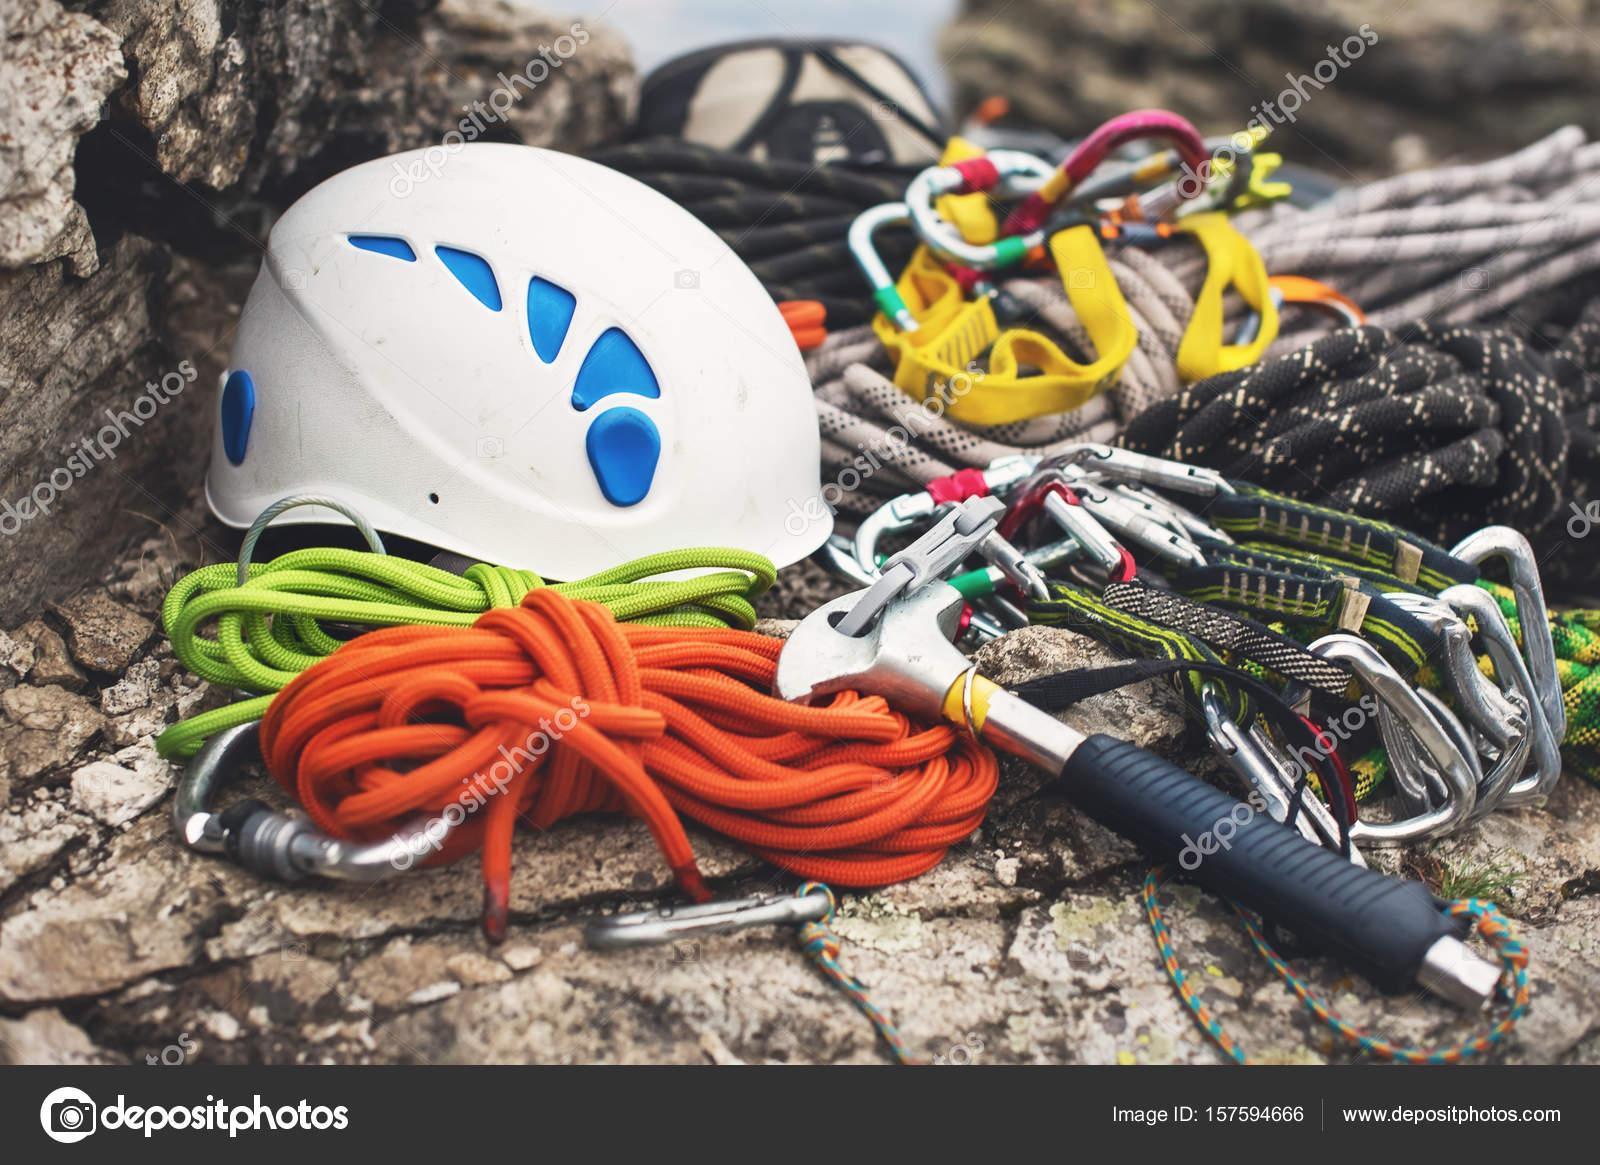 Kletterausrüstung Essen : Kletterausrüstung karabiner ohne kratzer hammer weißen helm